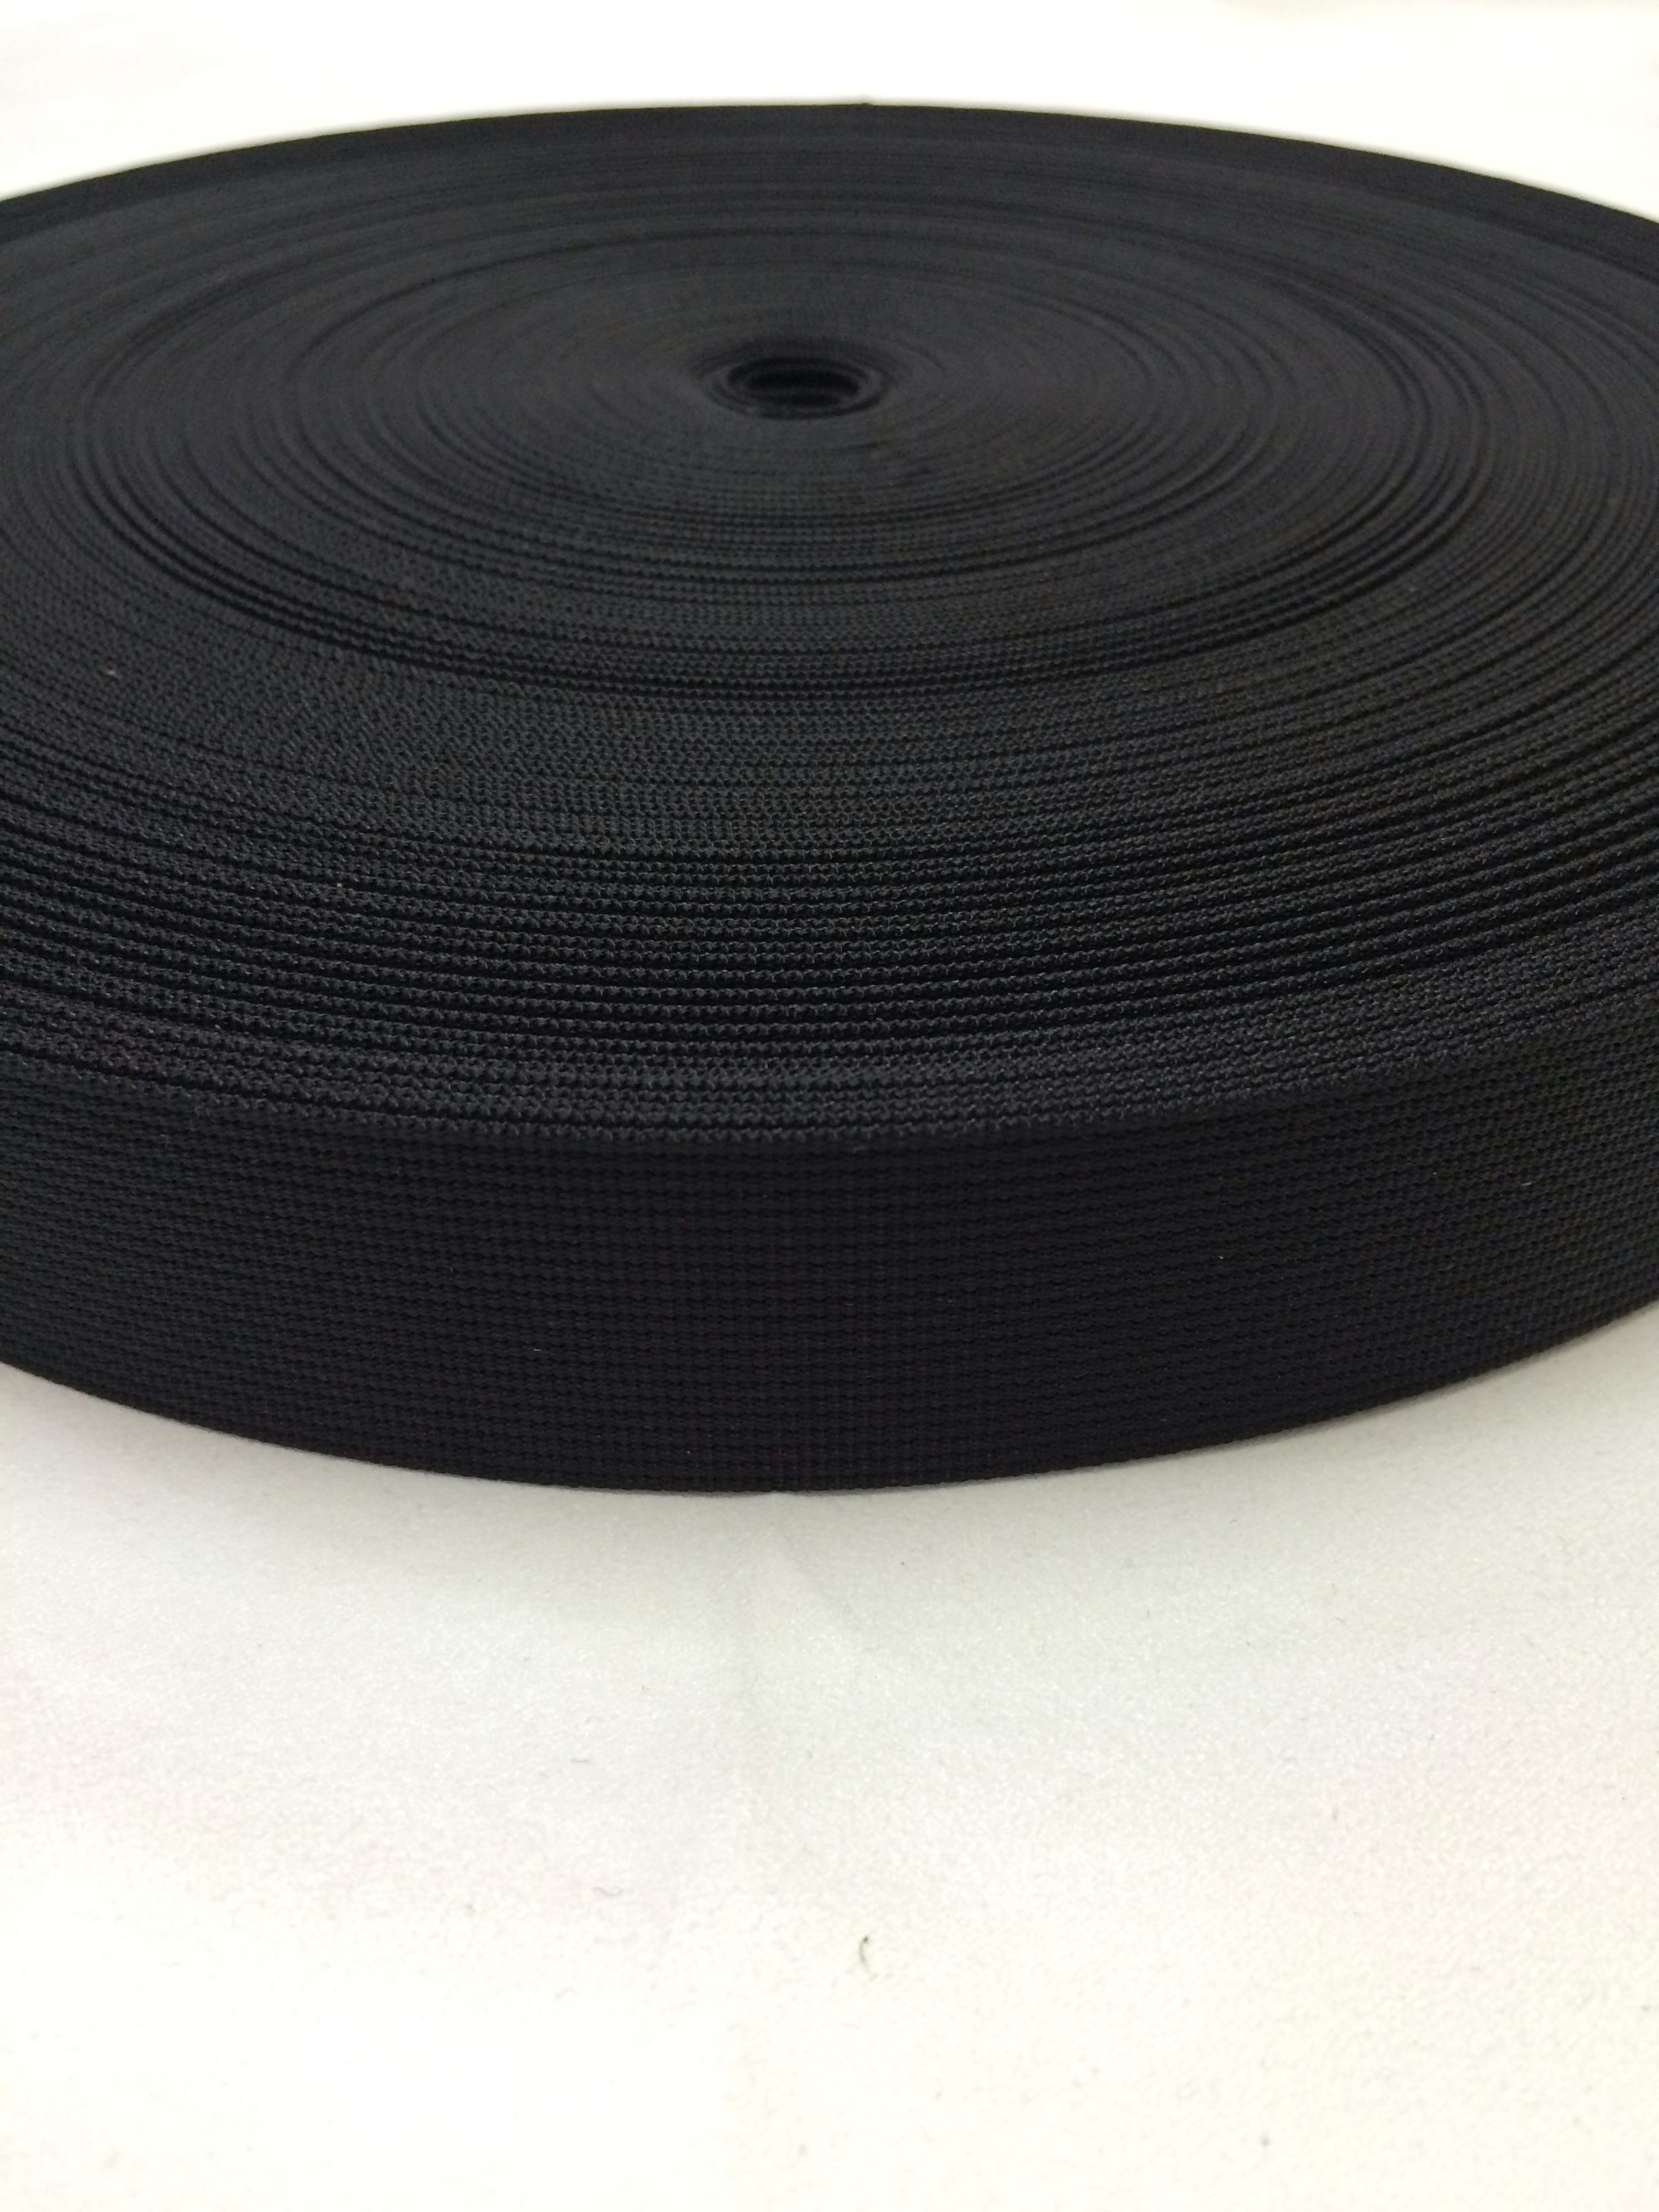 ナイロン ベルト 高密度 30mm幅 1mm厚 黒 1m